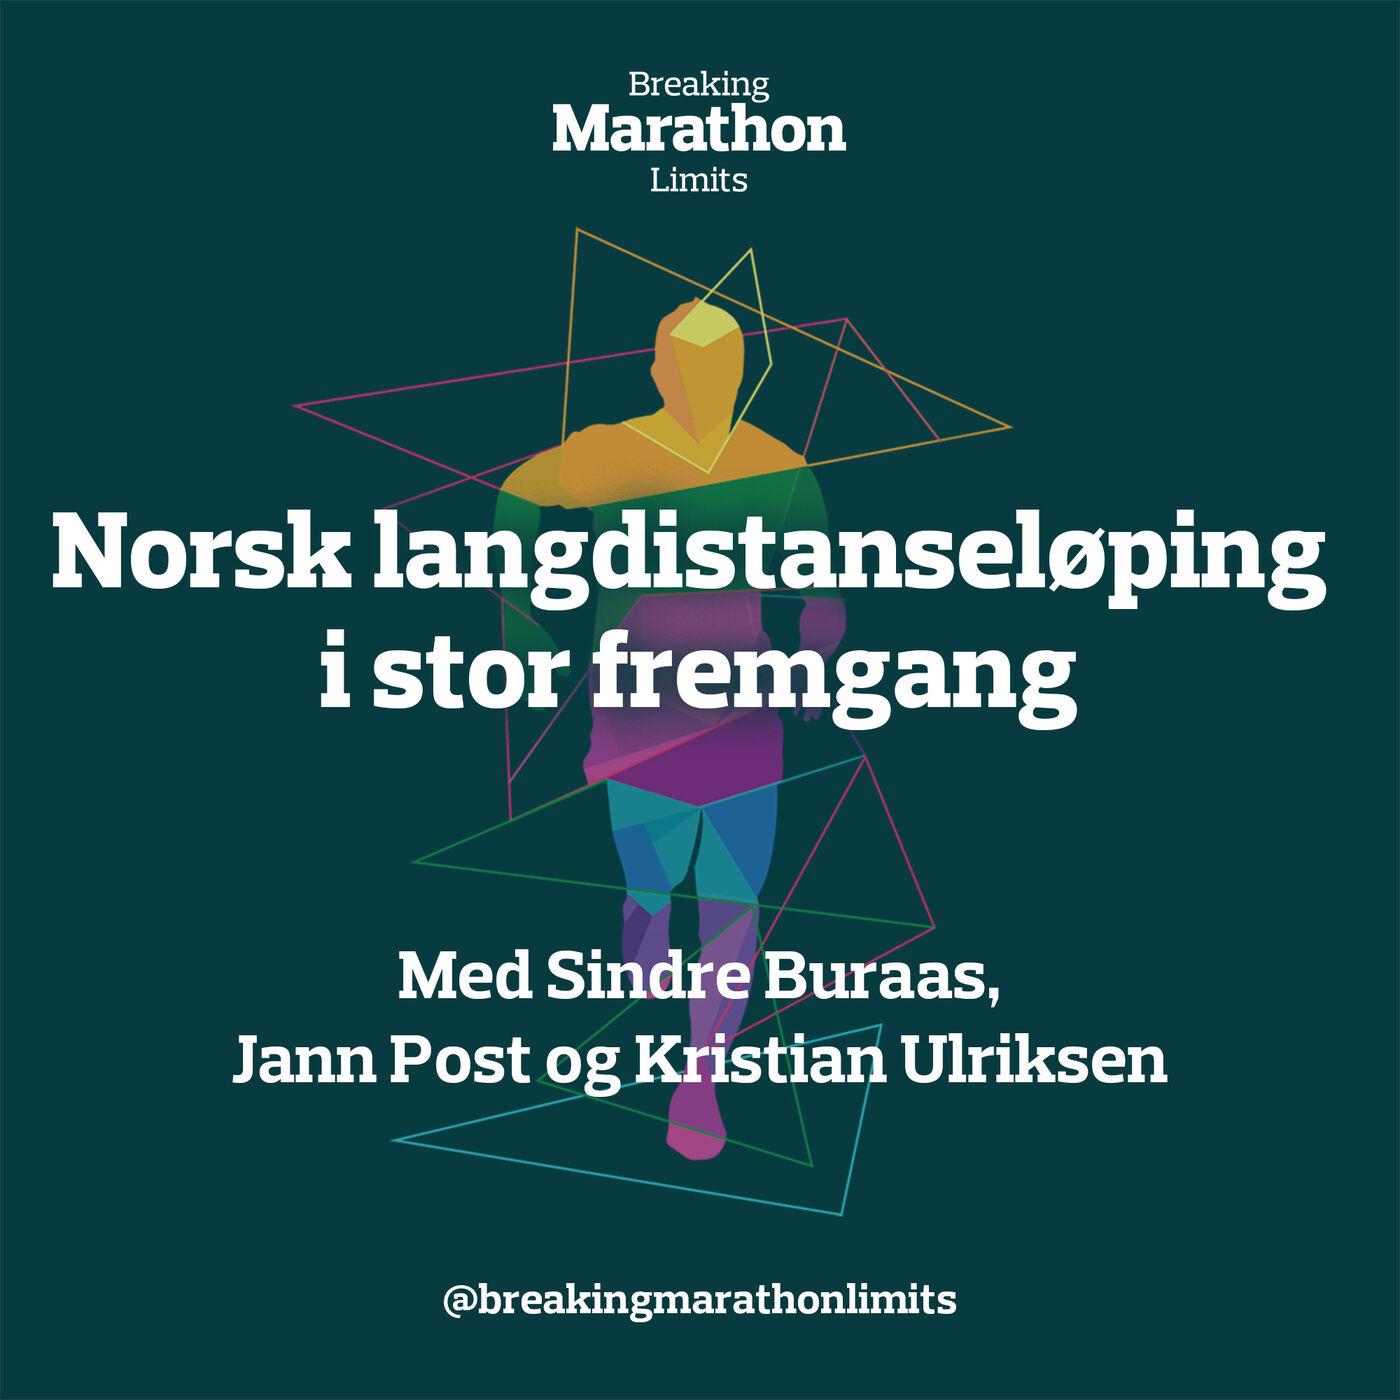 Norsk langdistanseløping i stor fremgang